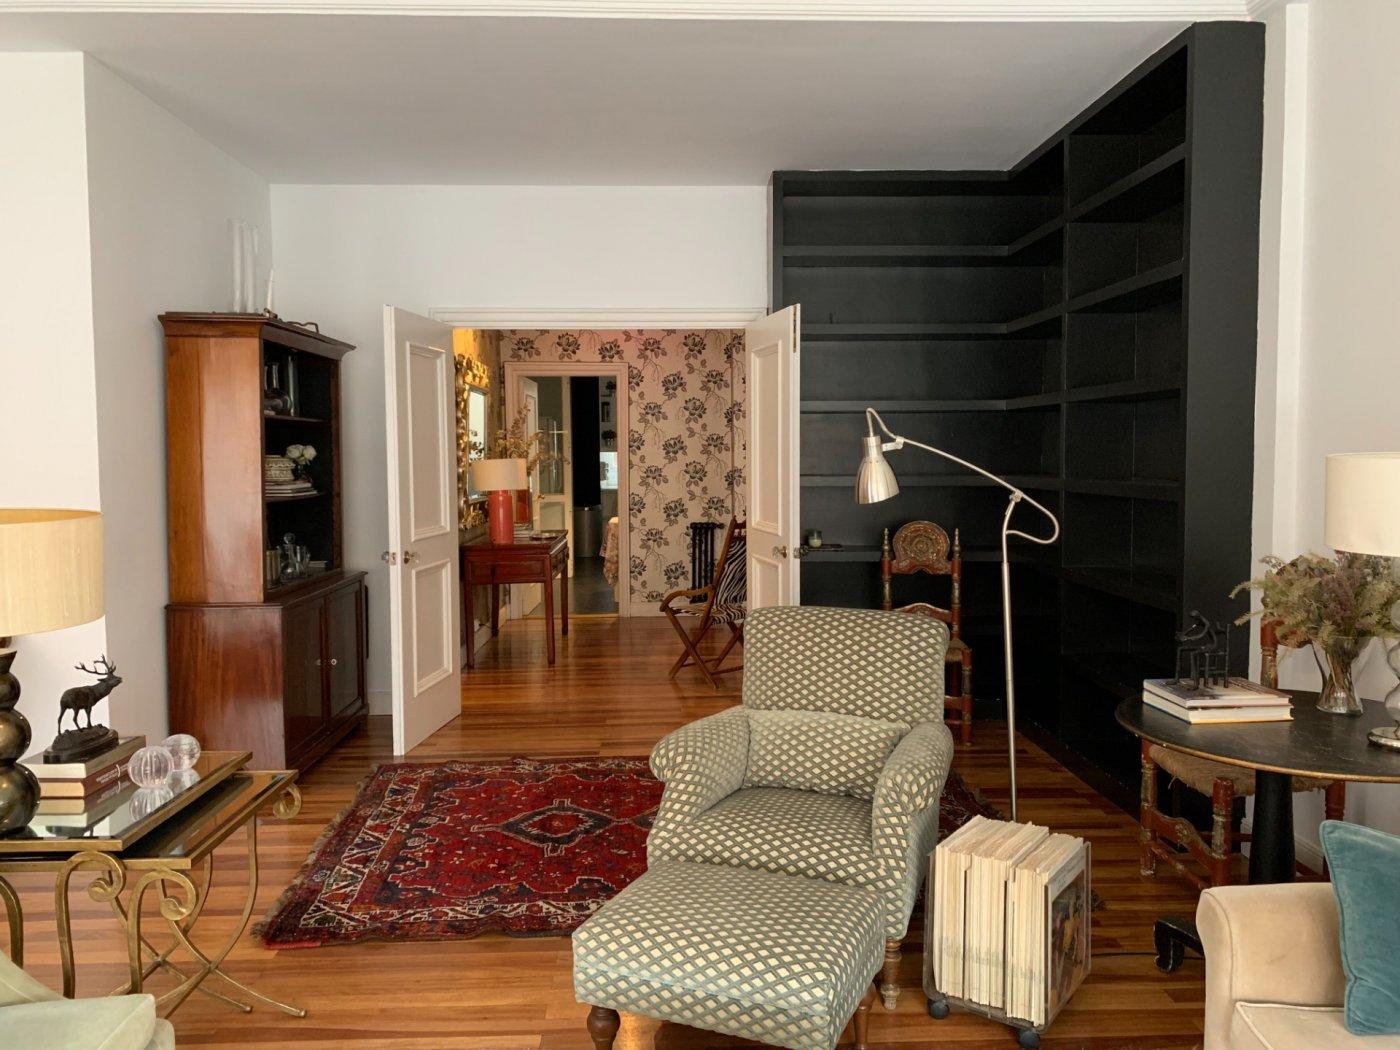 Venta de piso en madrid - imagenInmueble28